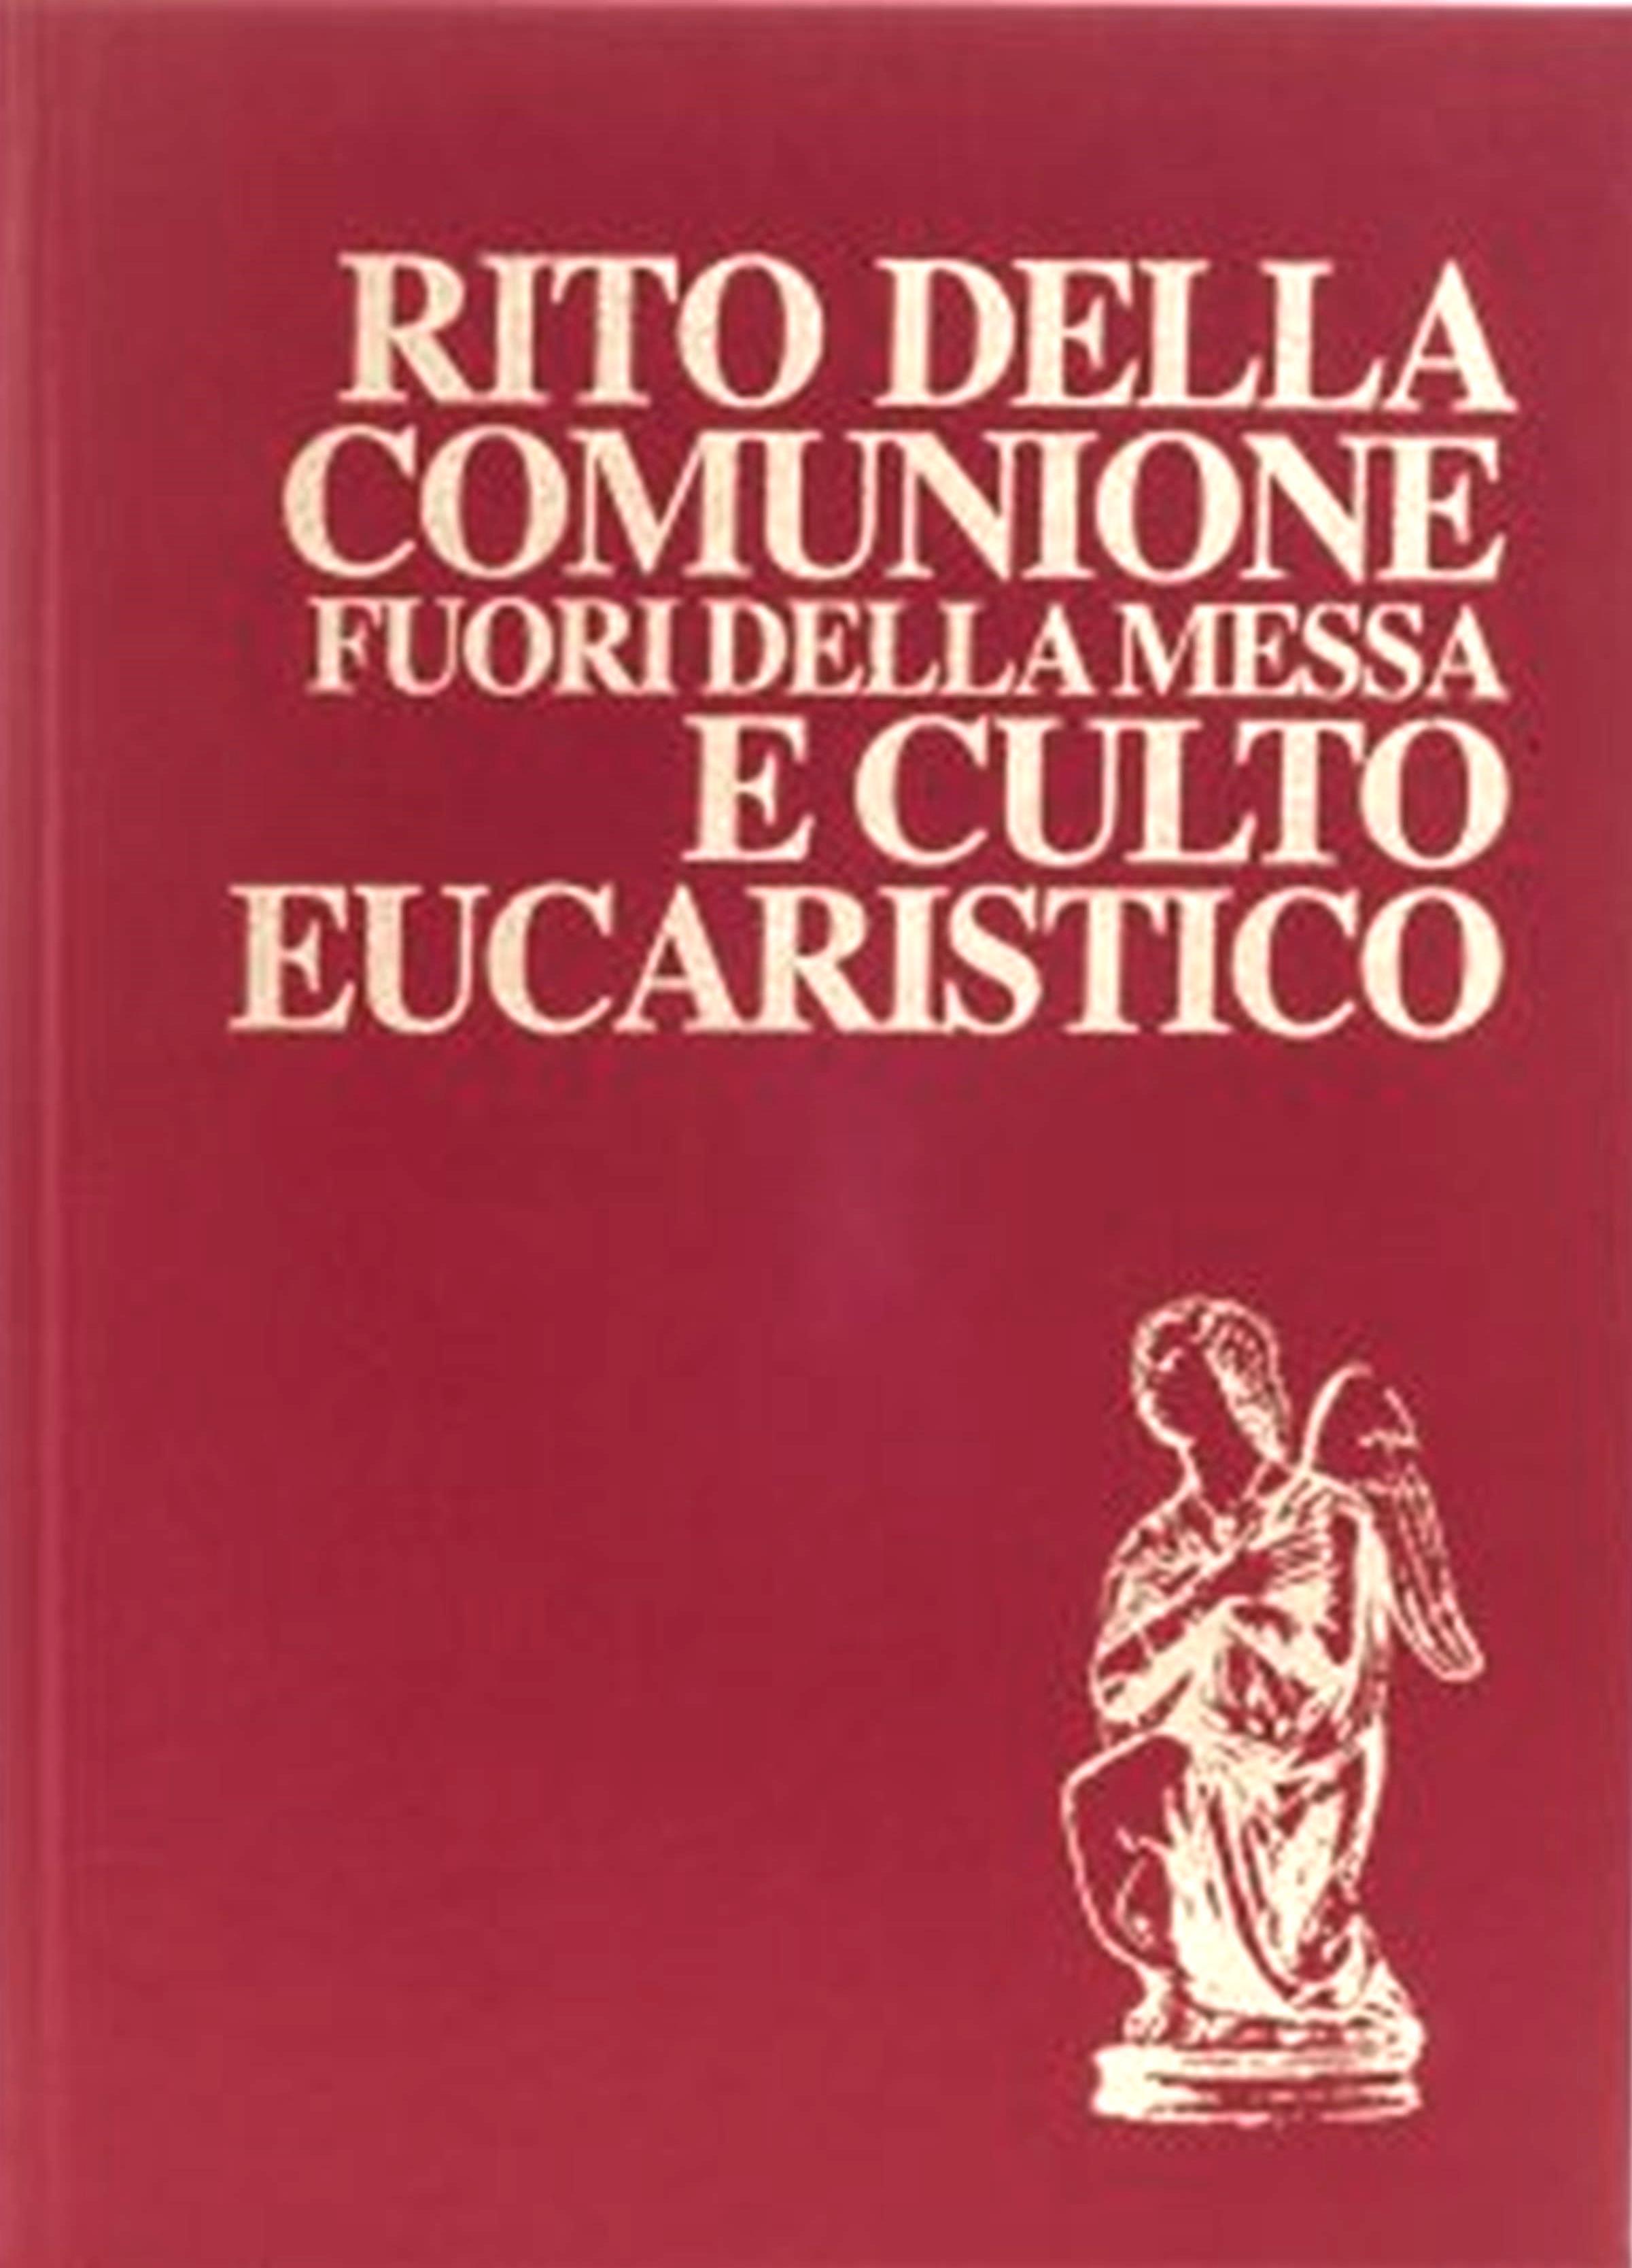 Matrimonio Rituale Romano : File rituale romano rito della comunione fuori